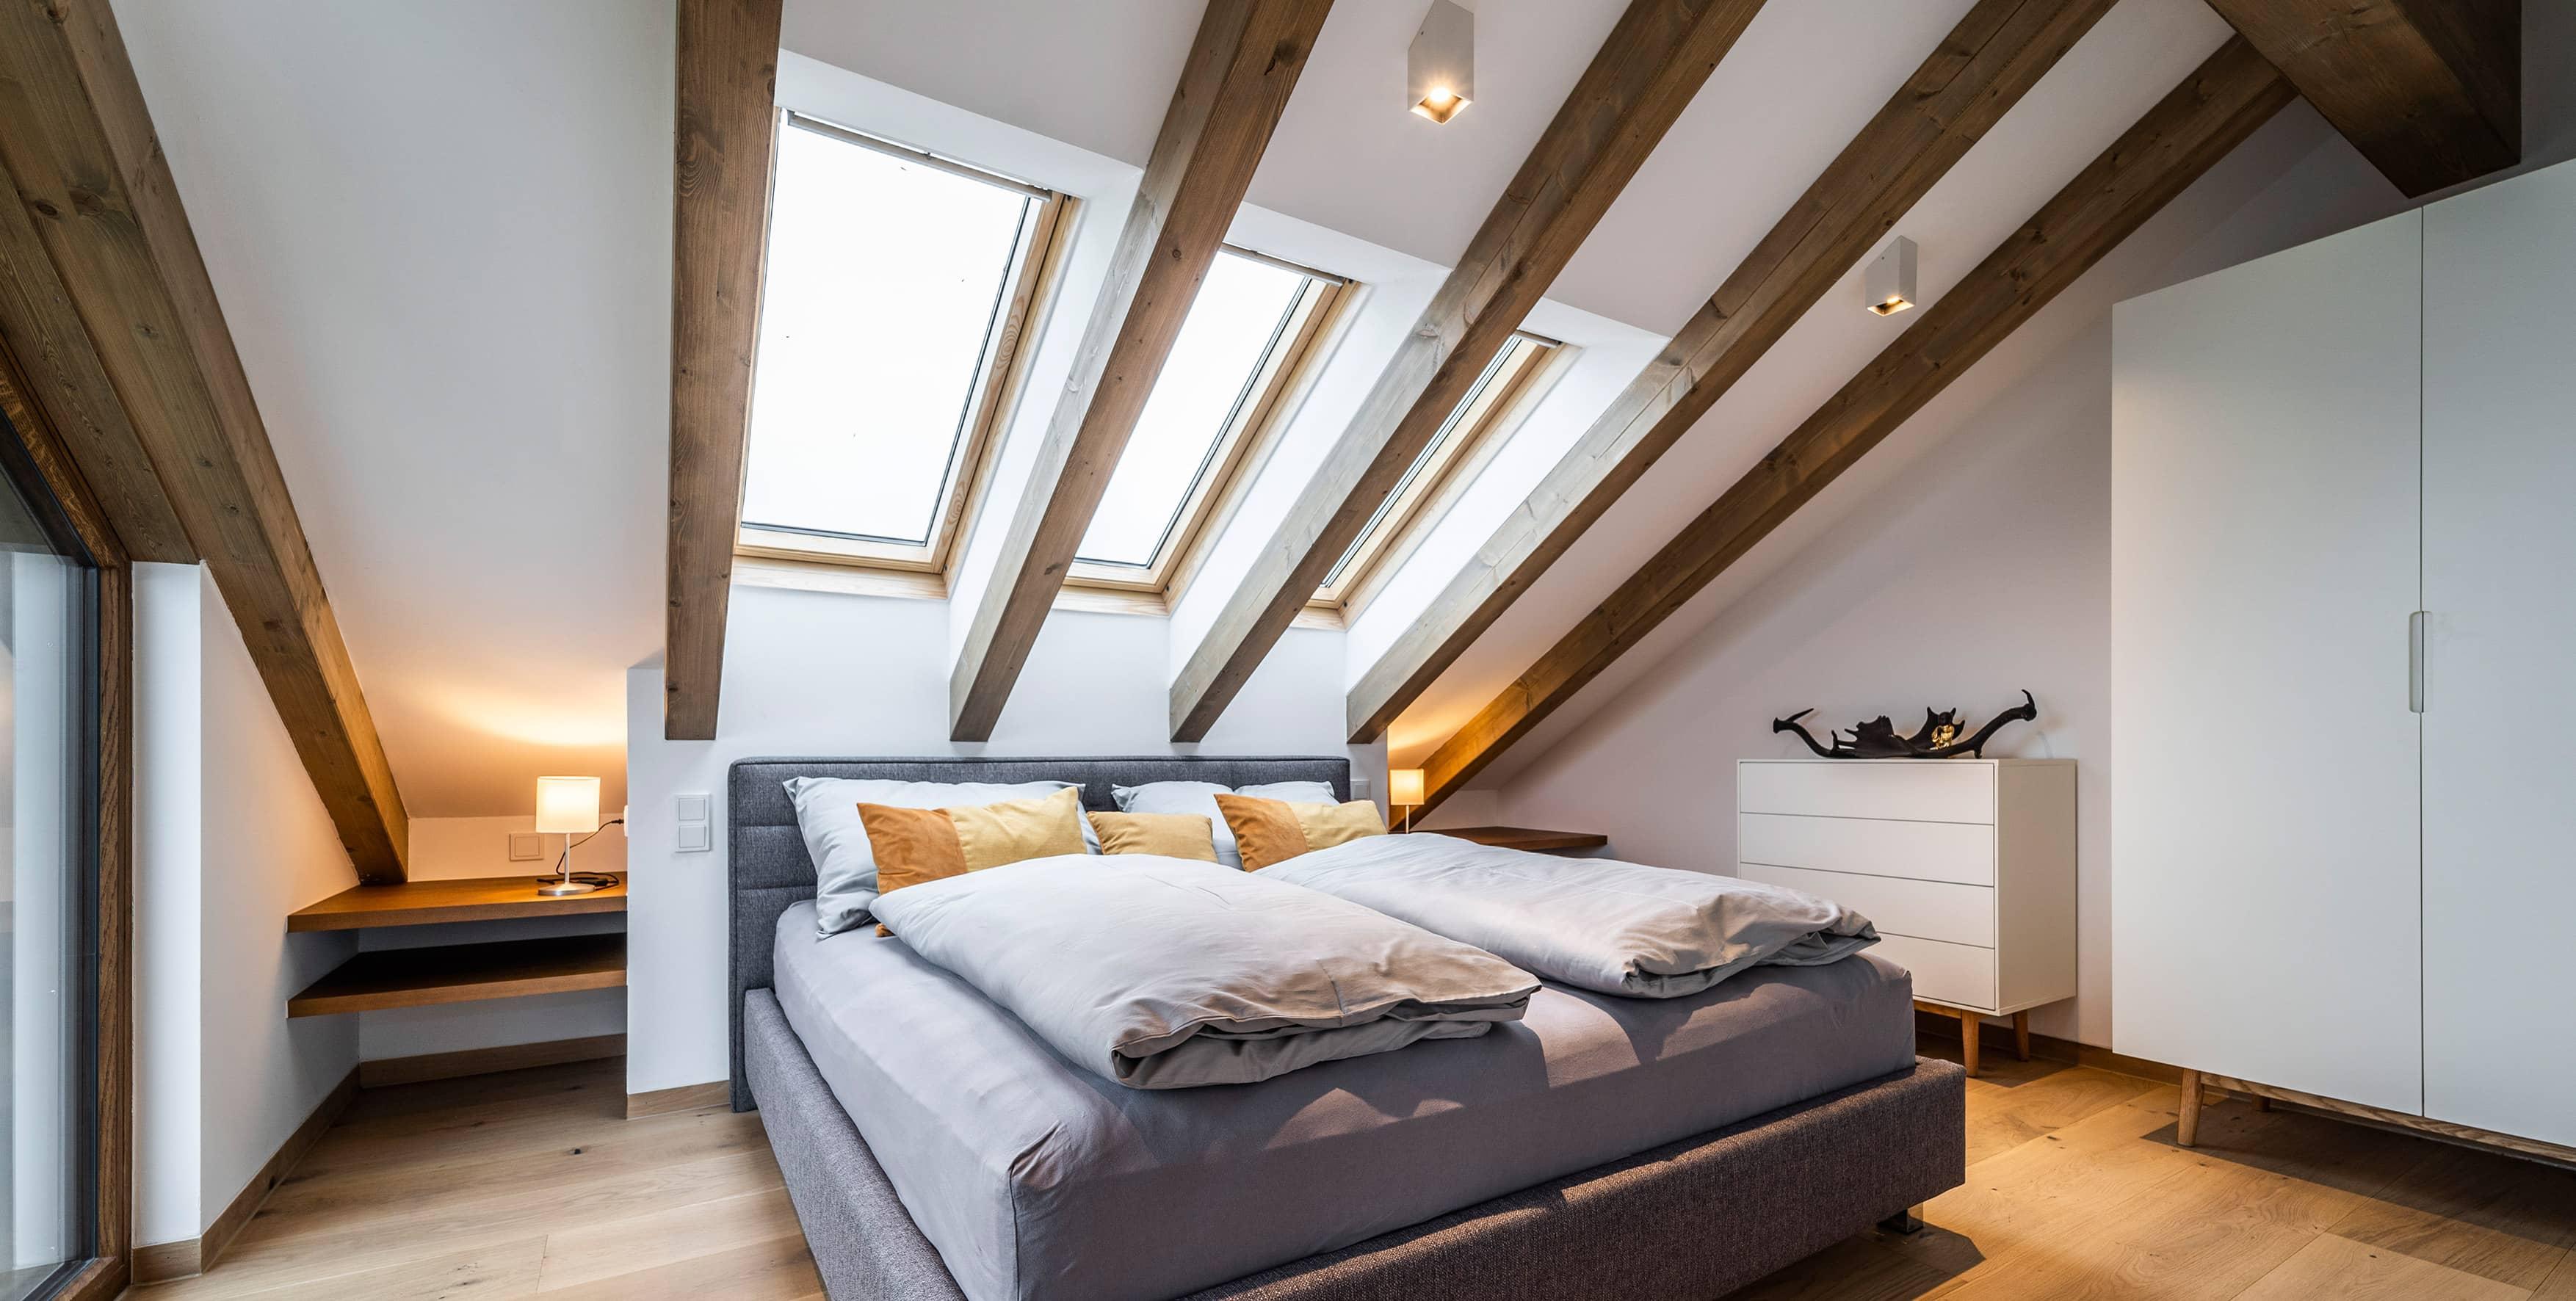 schlafzimmer-dachfenster